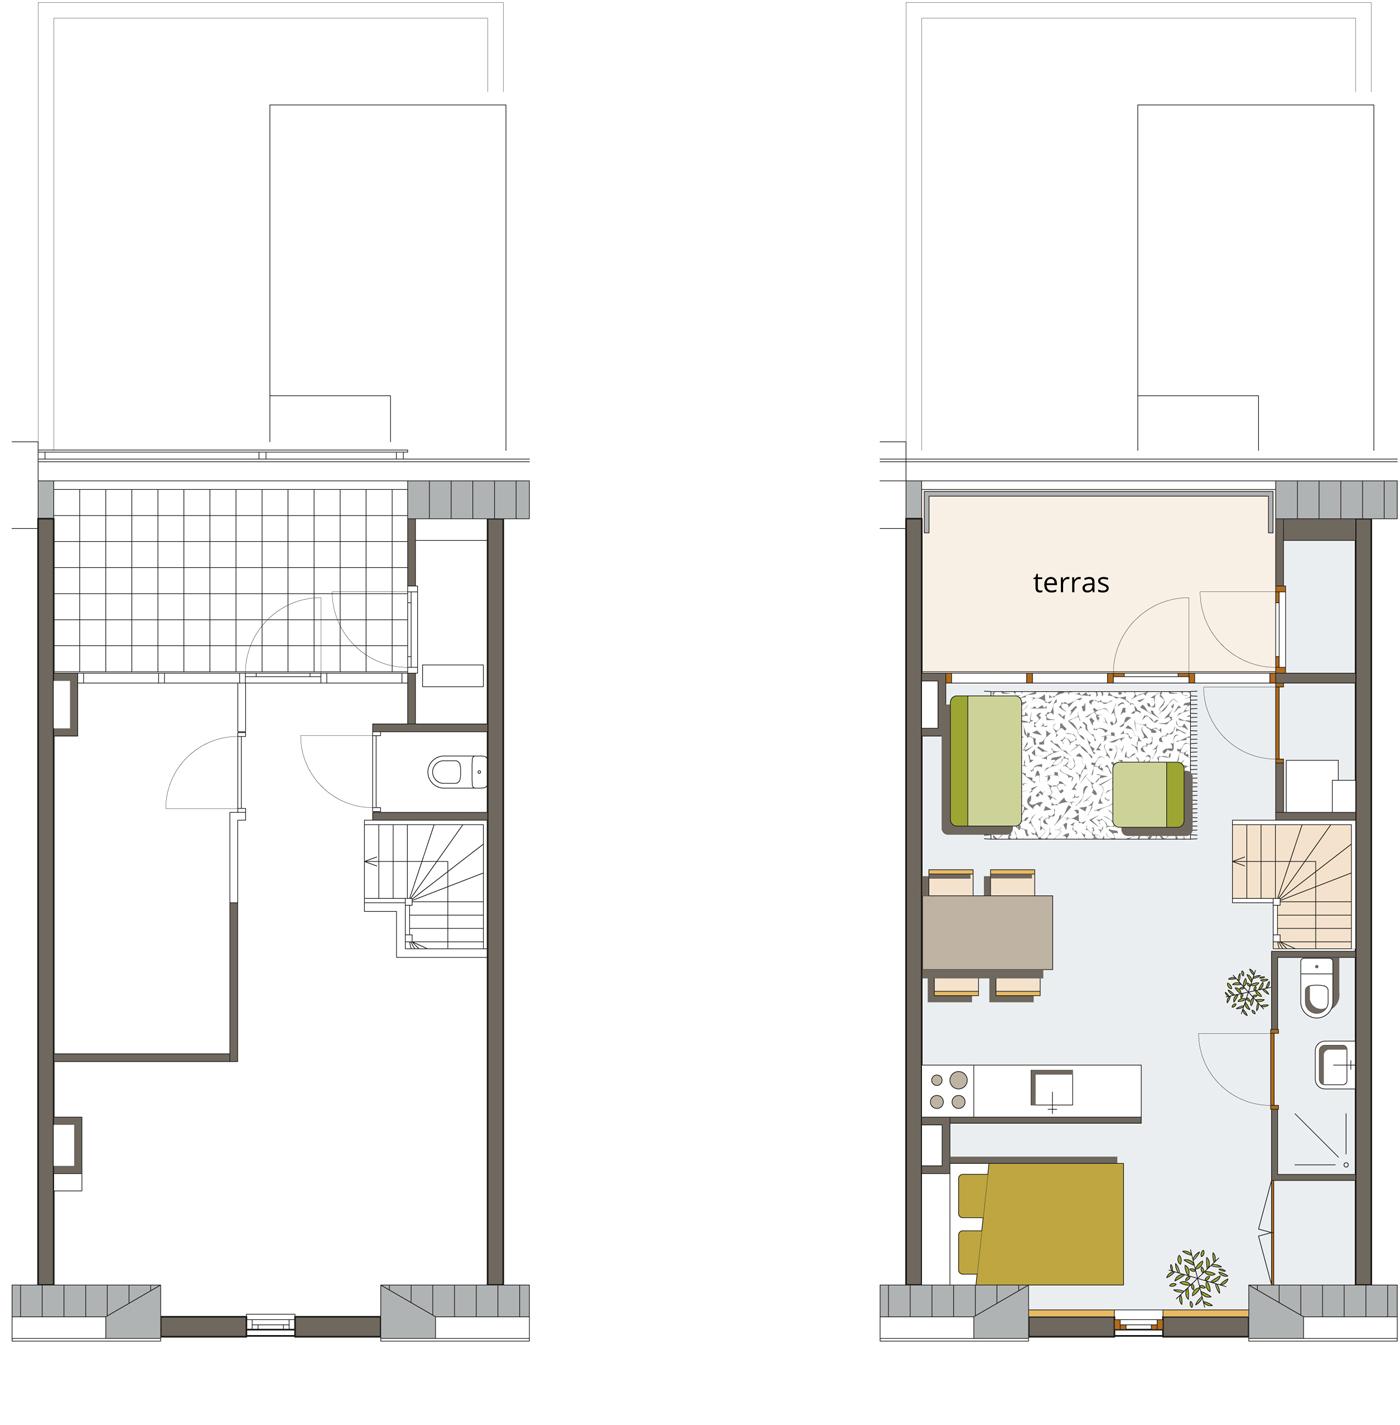 appartement 2e verdieping